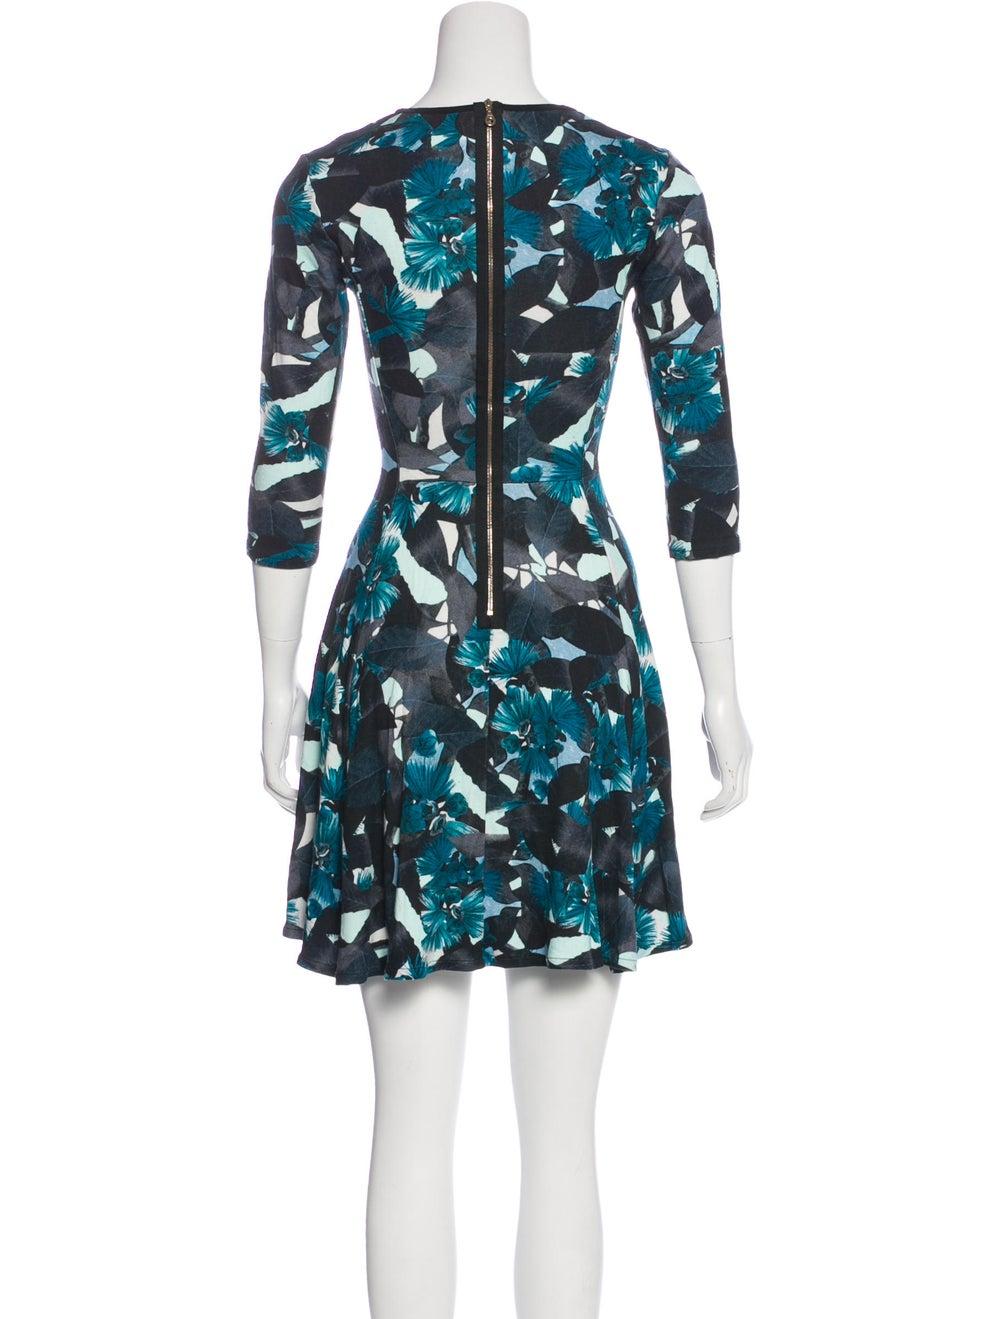 Erdem Floral Flared Dress Blue - image 3